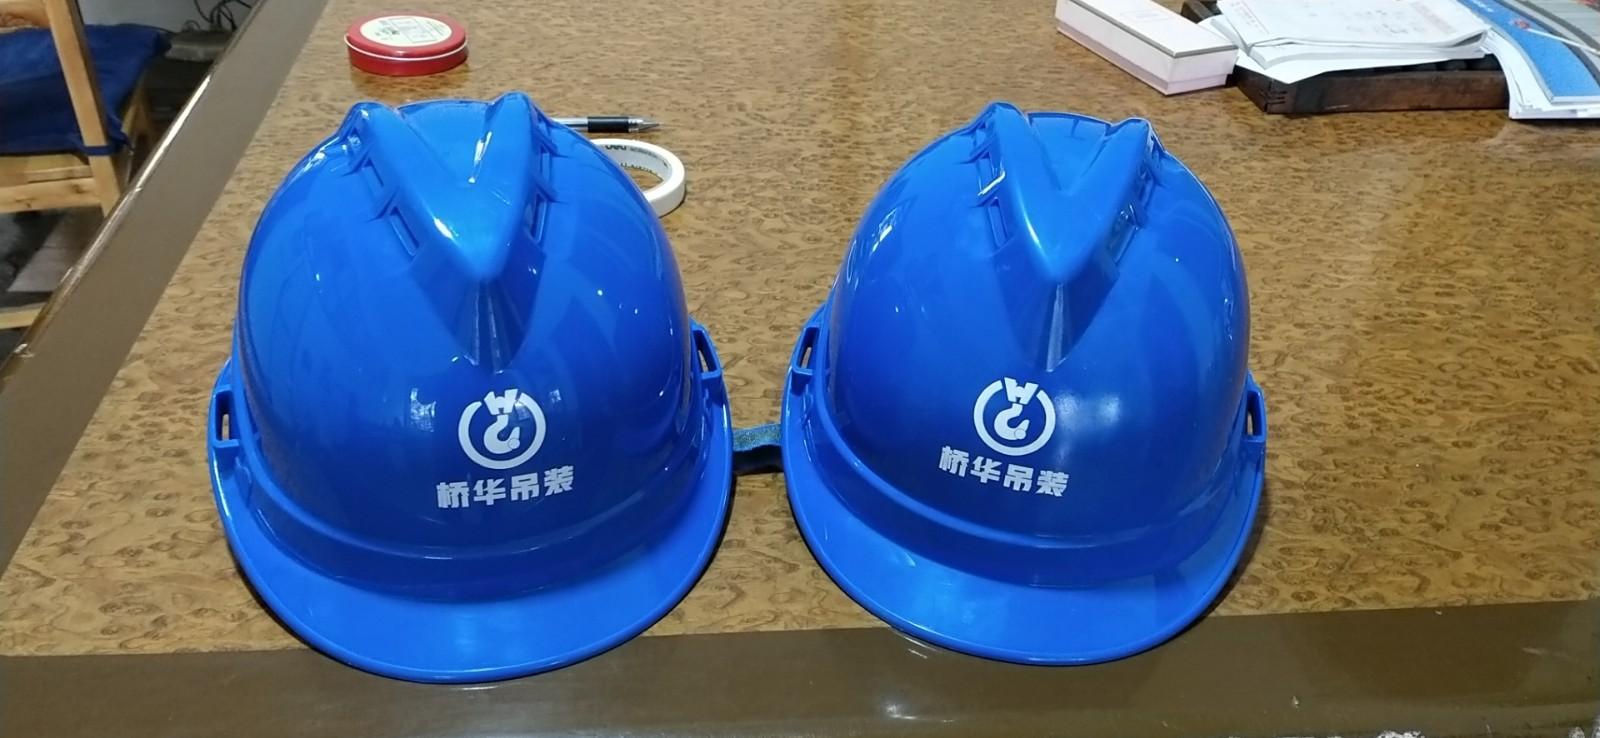 桥华工程在乐山奥体中心作业